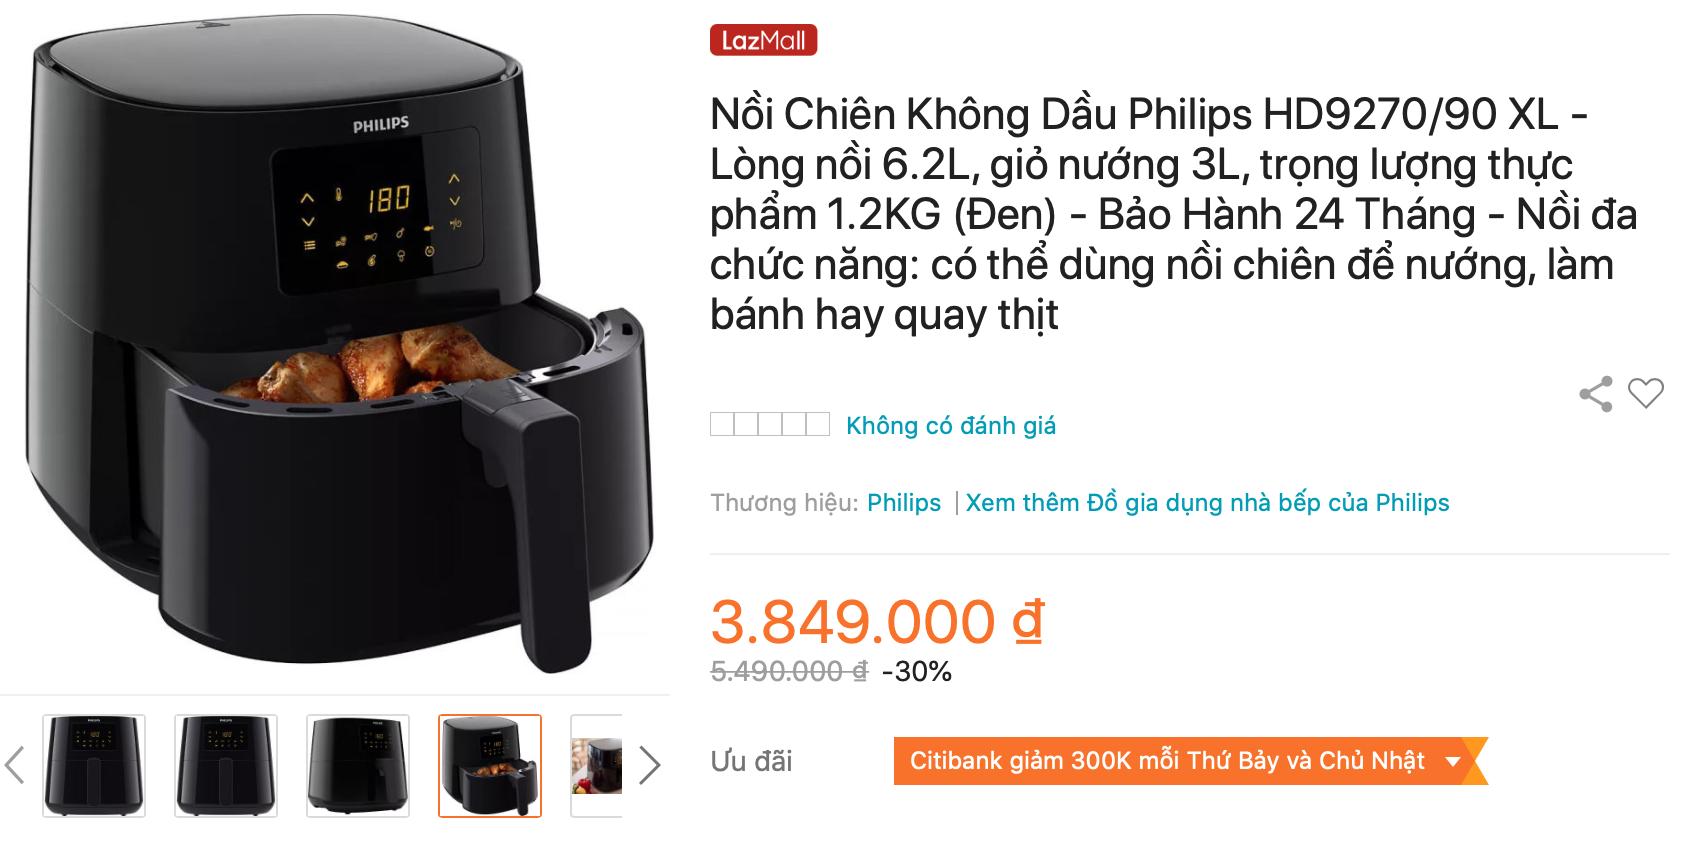 Địa chỉ mua sắm nồi chiên không dầu Philips HD9270/90